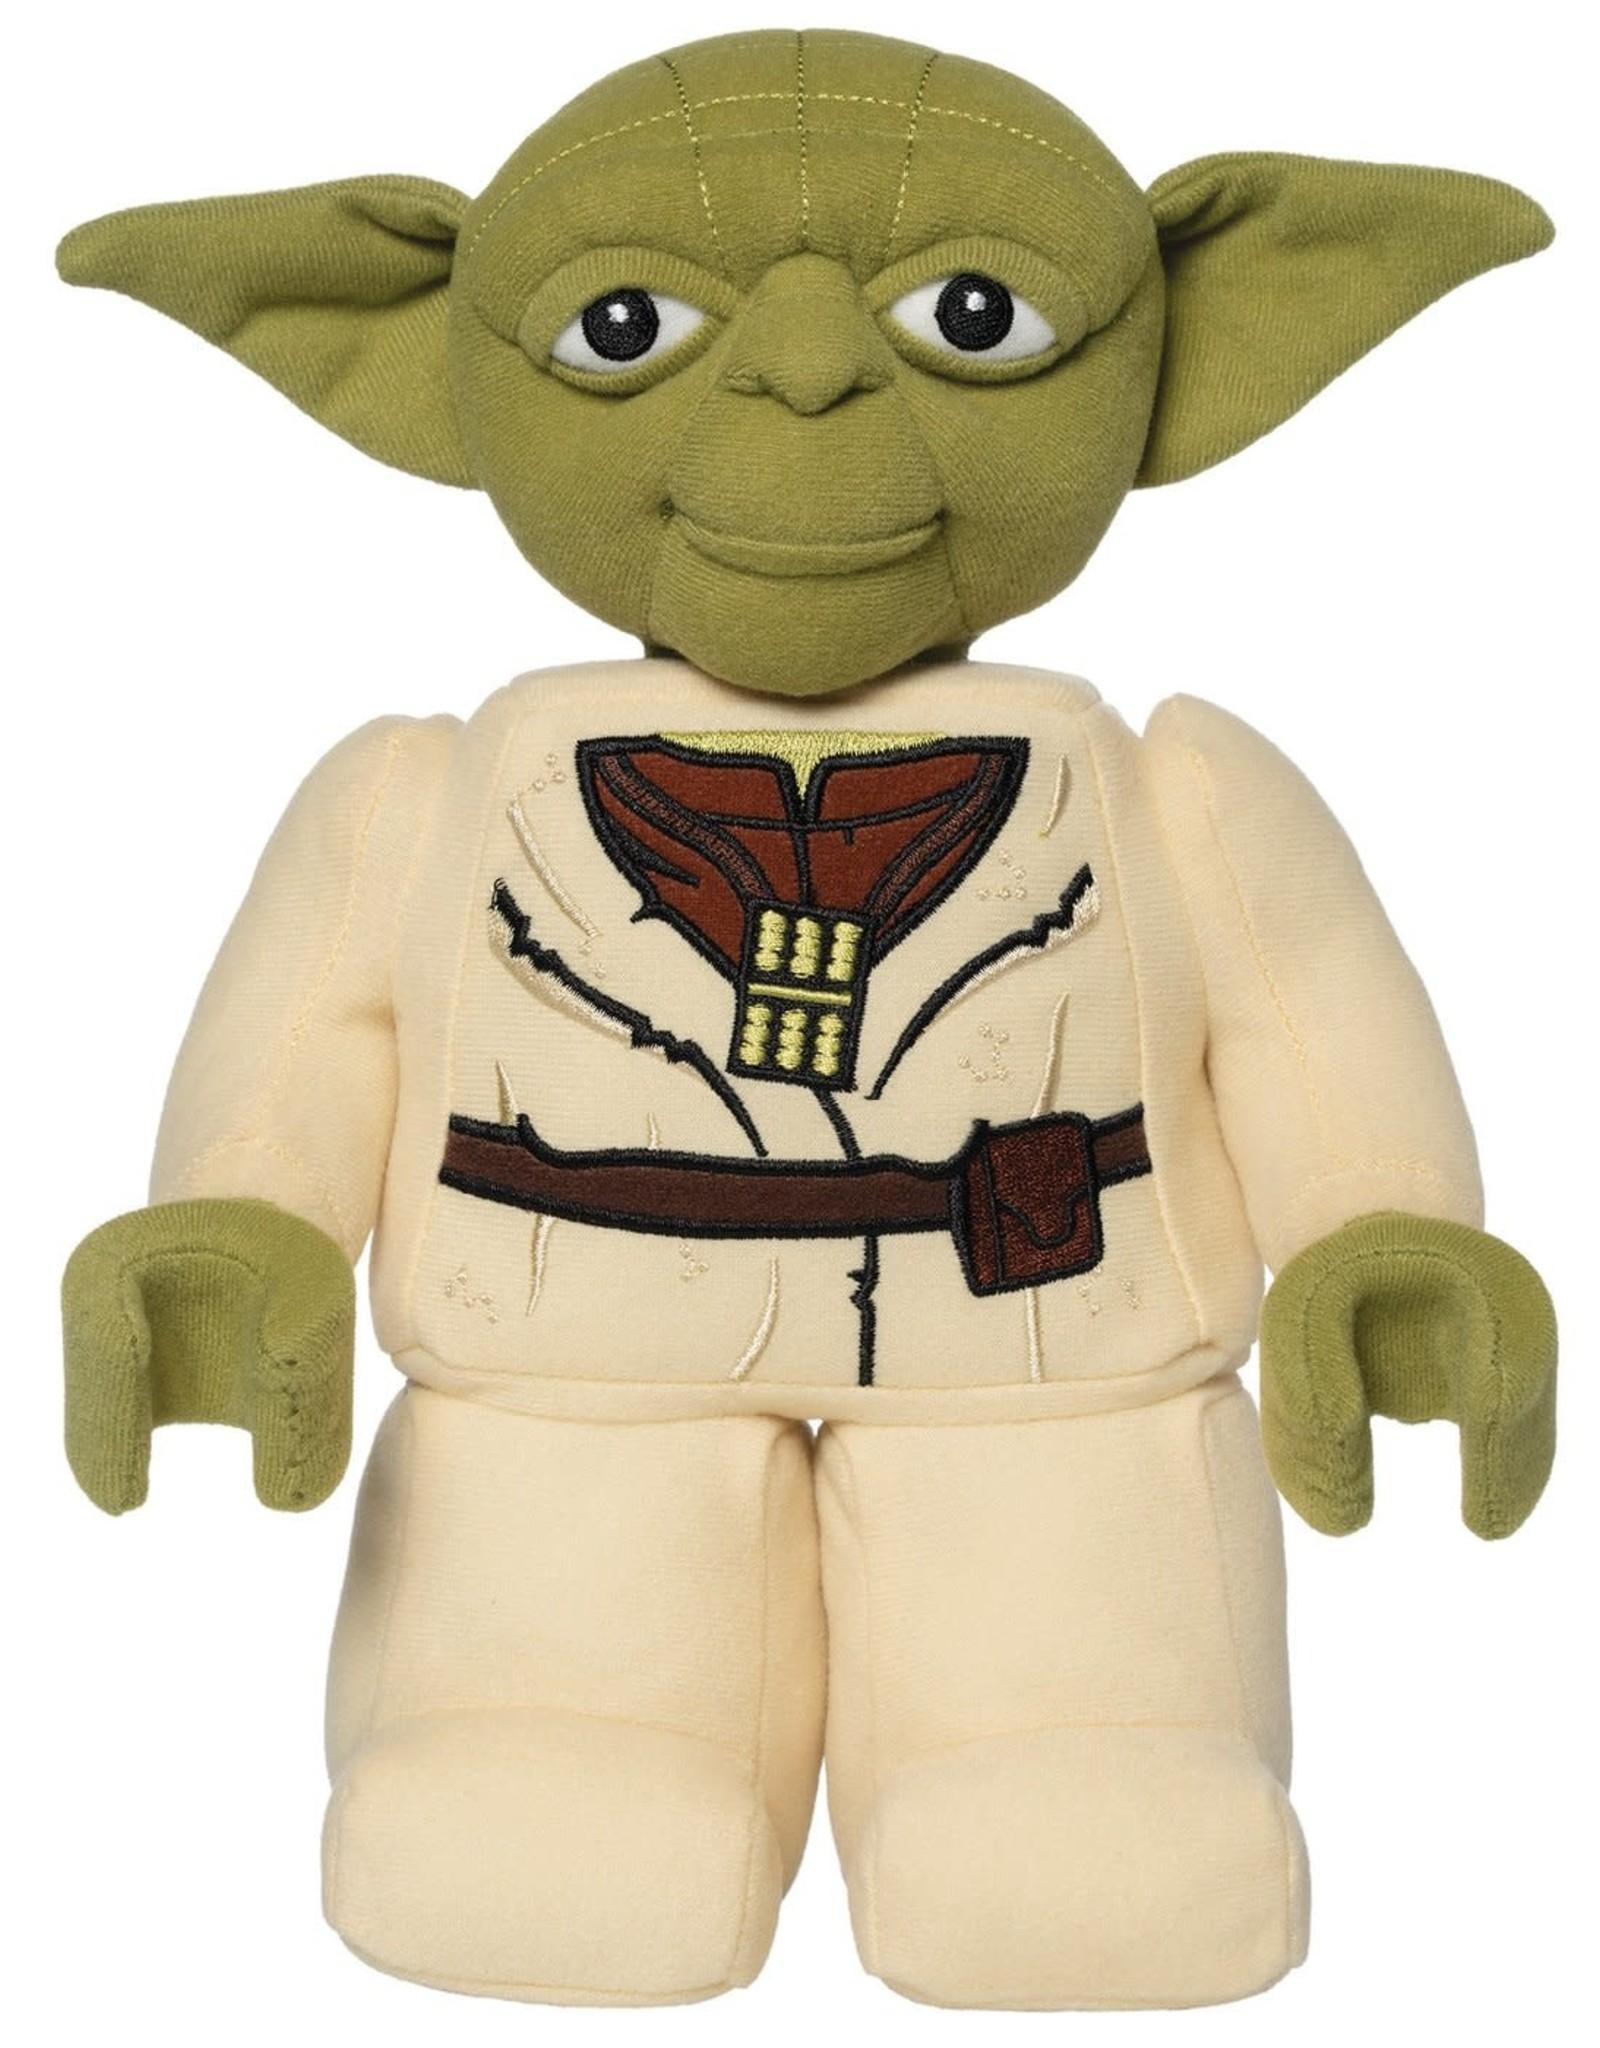 Manhattan Toy LEGO Star Wars Yoda